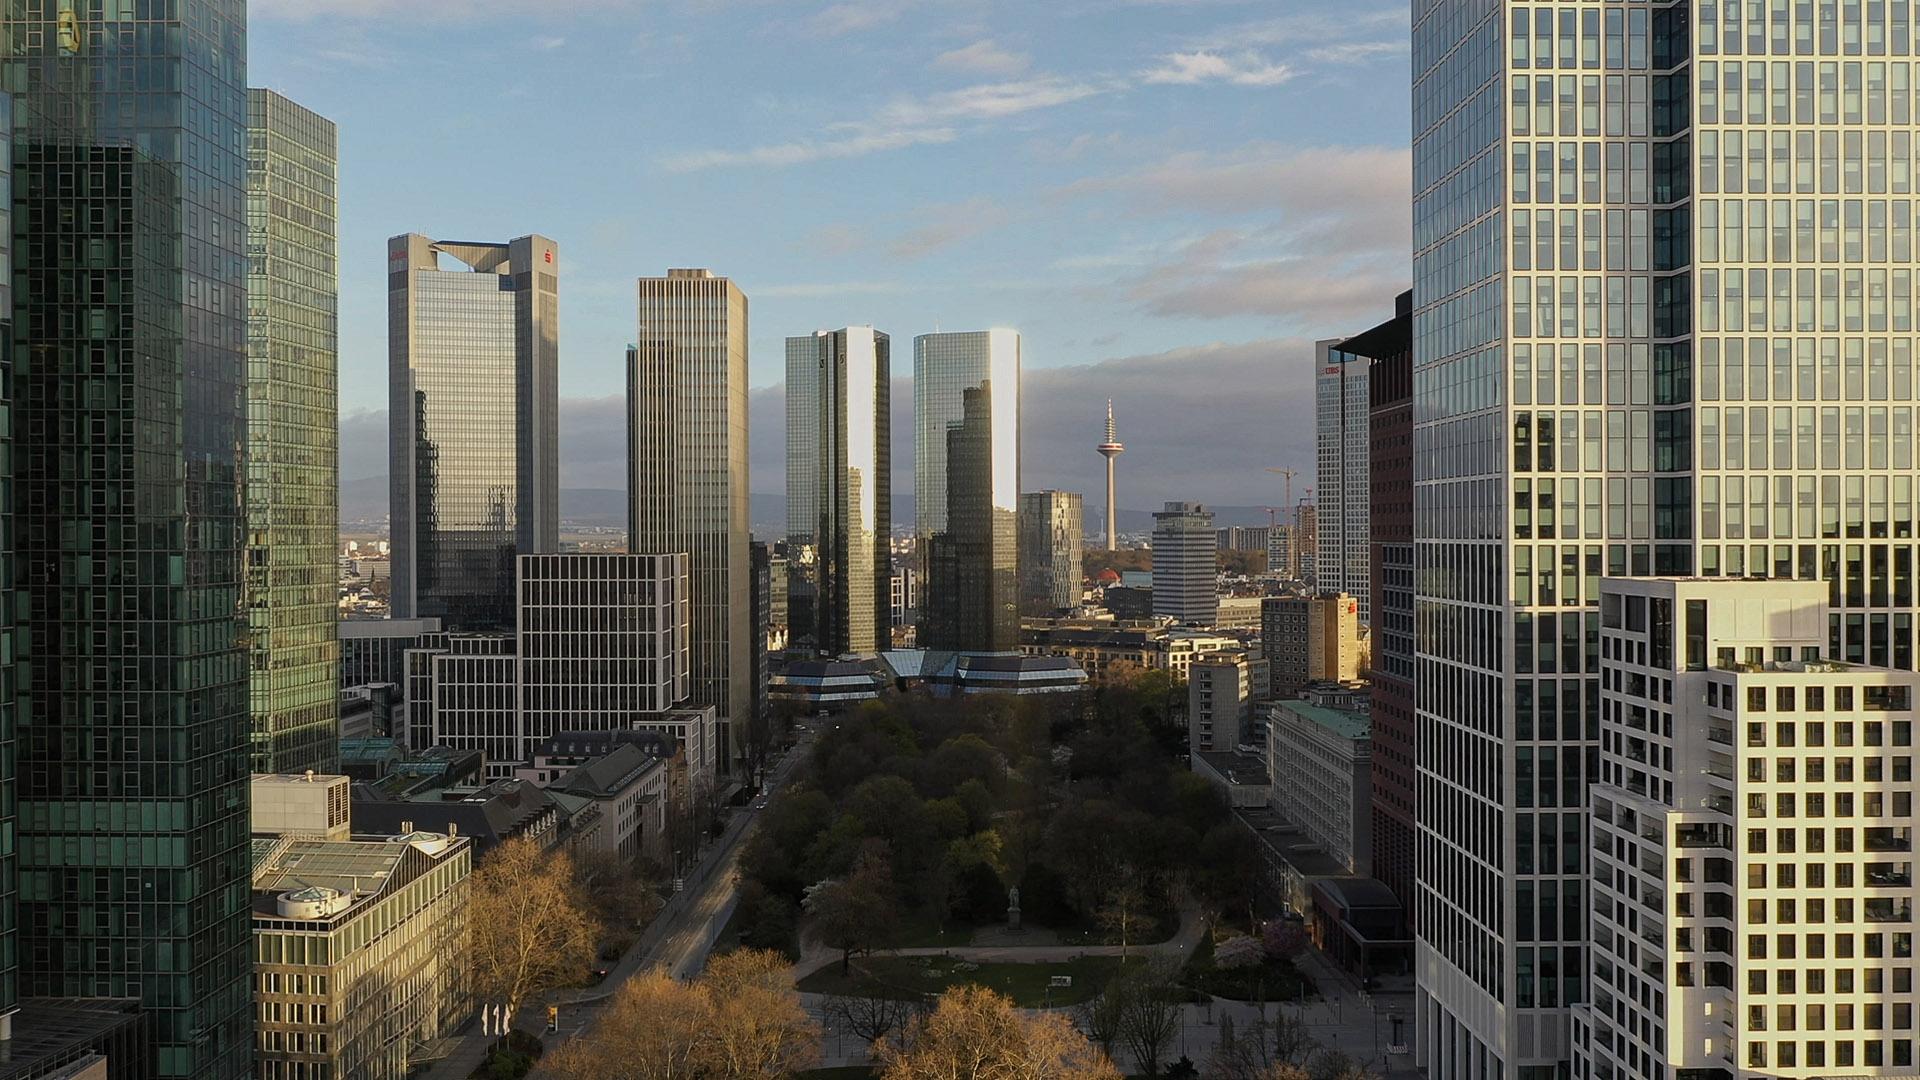 Drohnenaufnahme Frankfurt - Luftbild Frankfurt - Wolkenkratzer im Bankenviertel - Gallusanlage - Wallanlagen aus der Luft